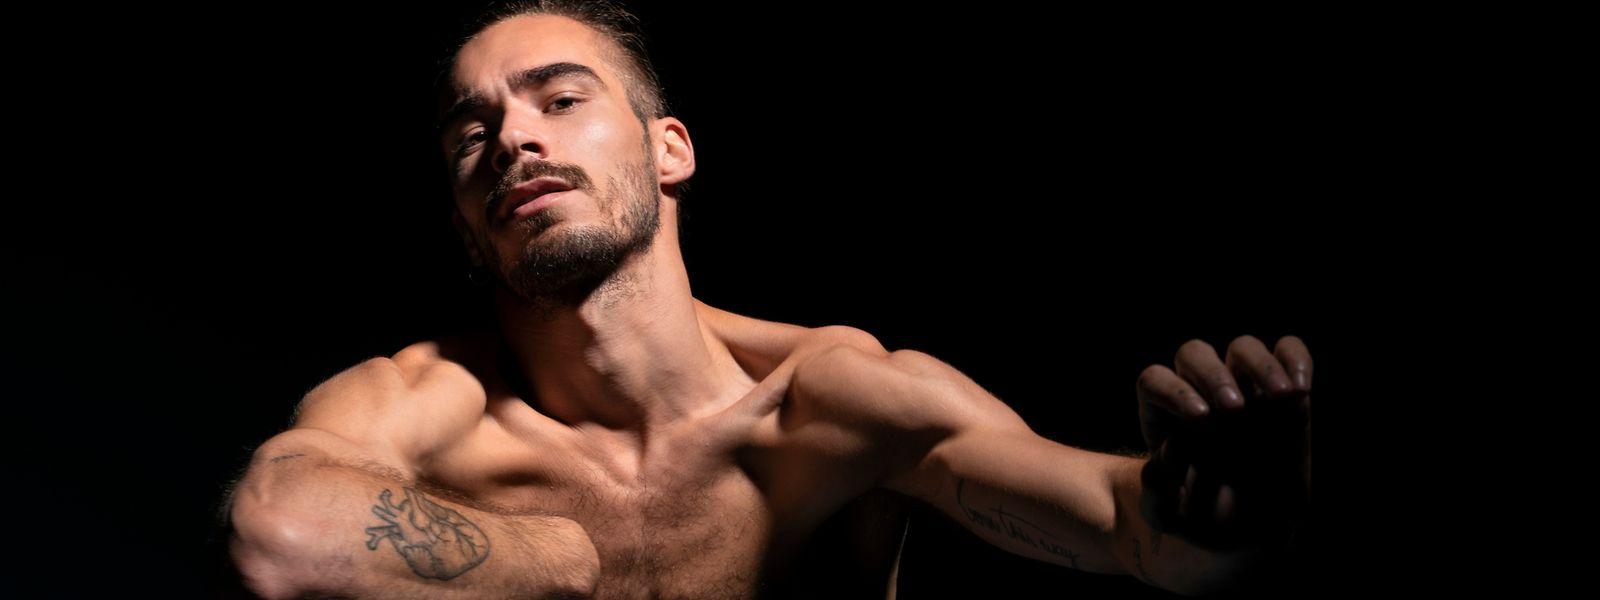 William Cardoso (ob.) darf sich beweisen: Der 26-Jährige kann erstmals eine eigene Choreografie erarbeiten.